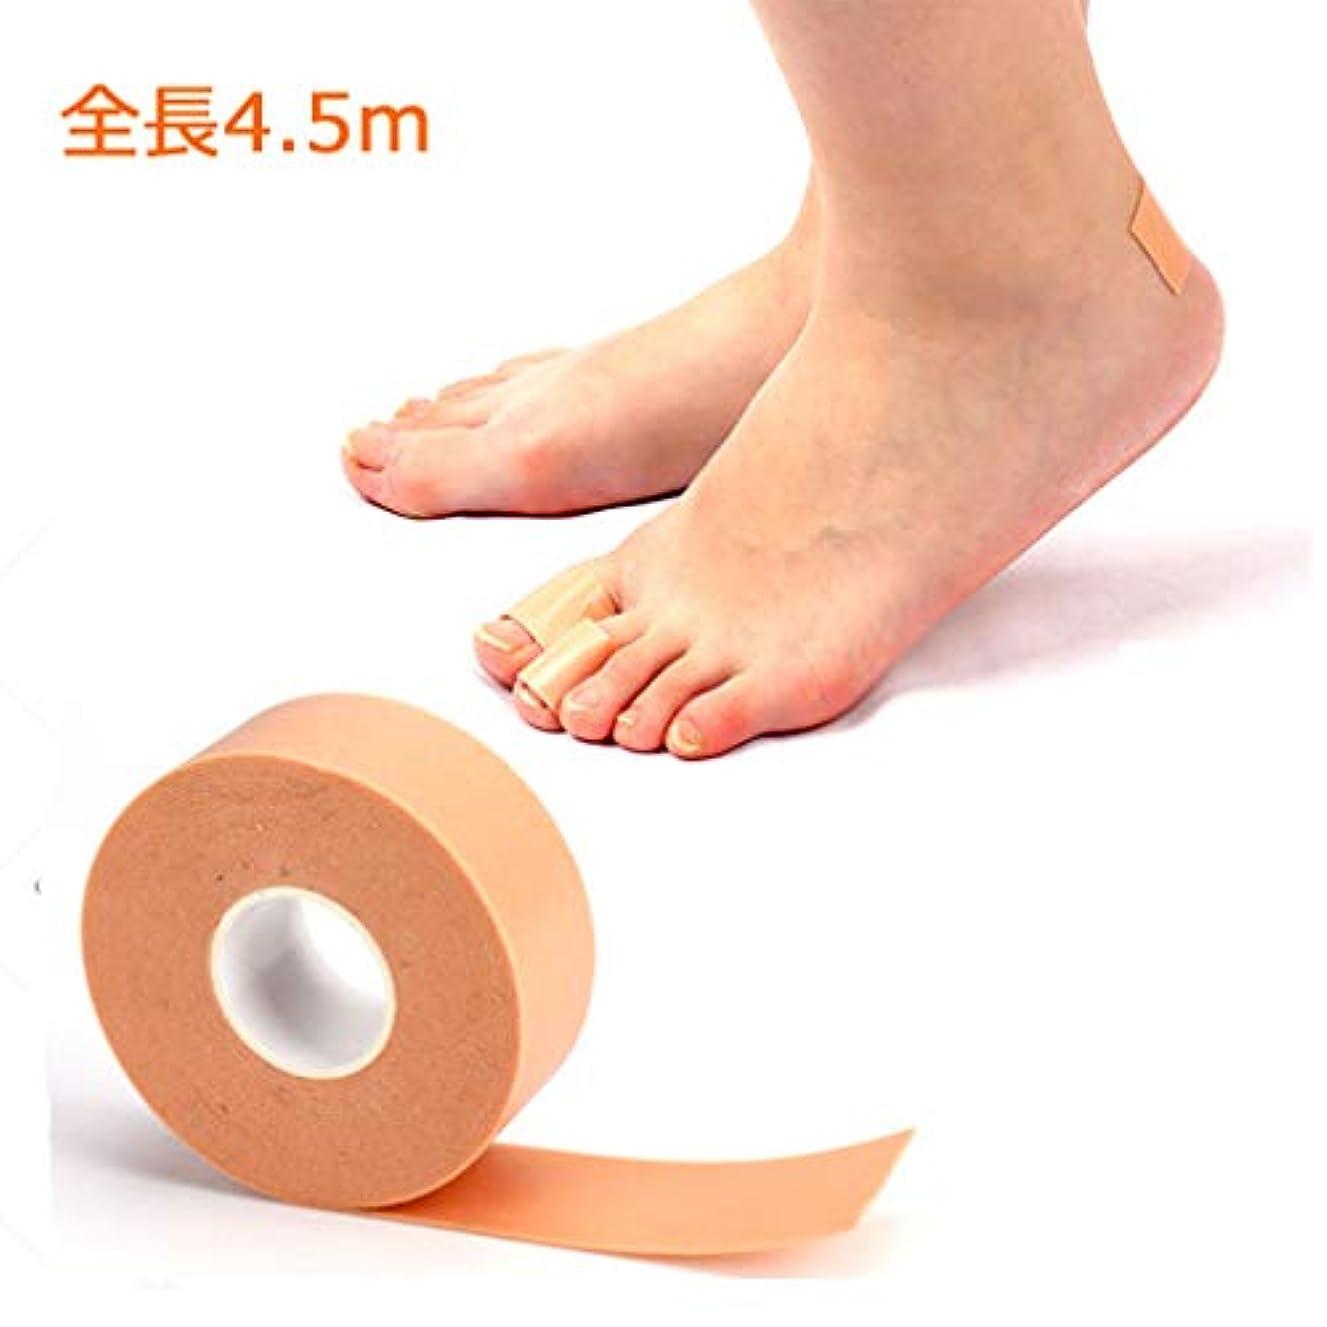 スズメバチ金曜日夢IGUGHI 靴擦れ防止パッド かかとパッド 靴ずれ予防テープ テープ 防水素材 粘着 幅2.5cm×長5m 保護テープ 足用保護パッド 男女兼用